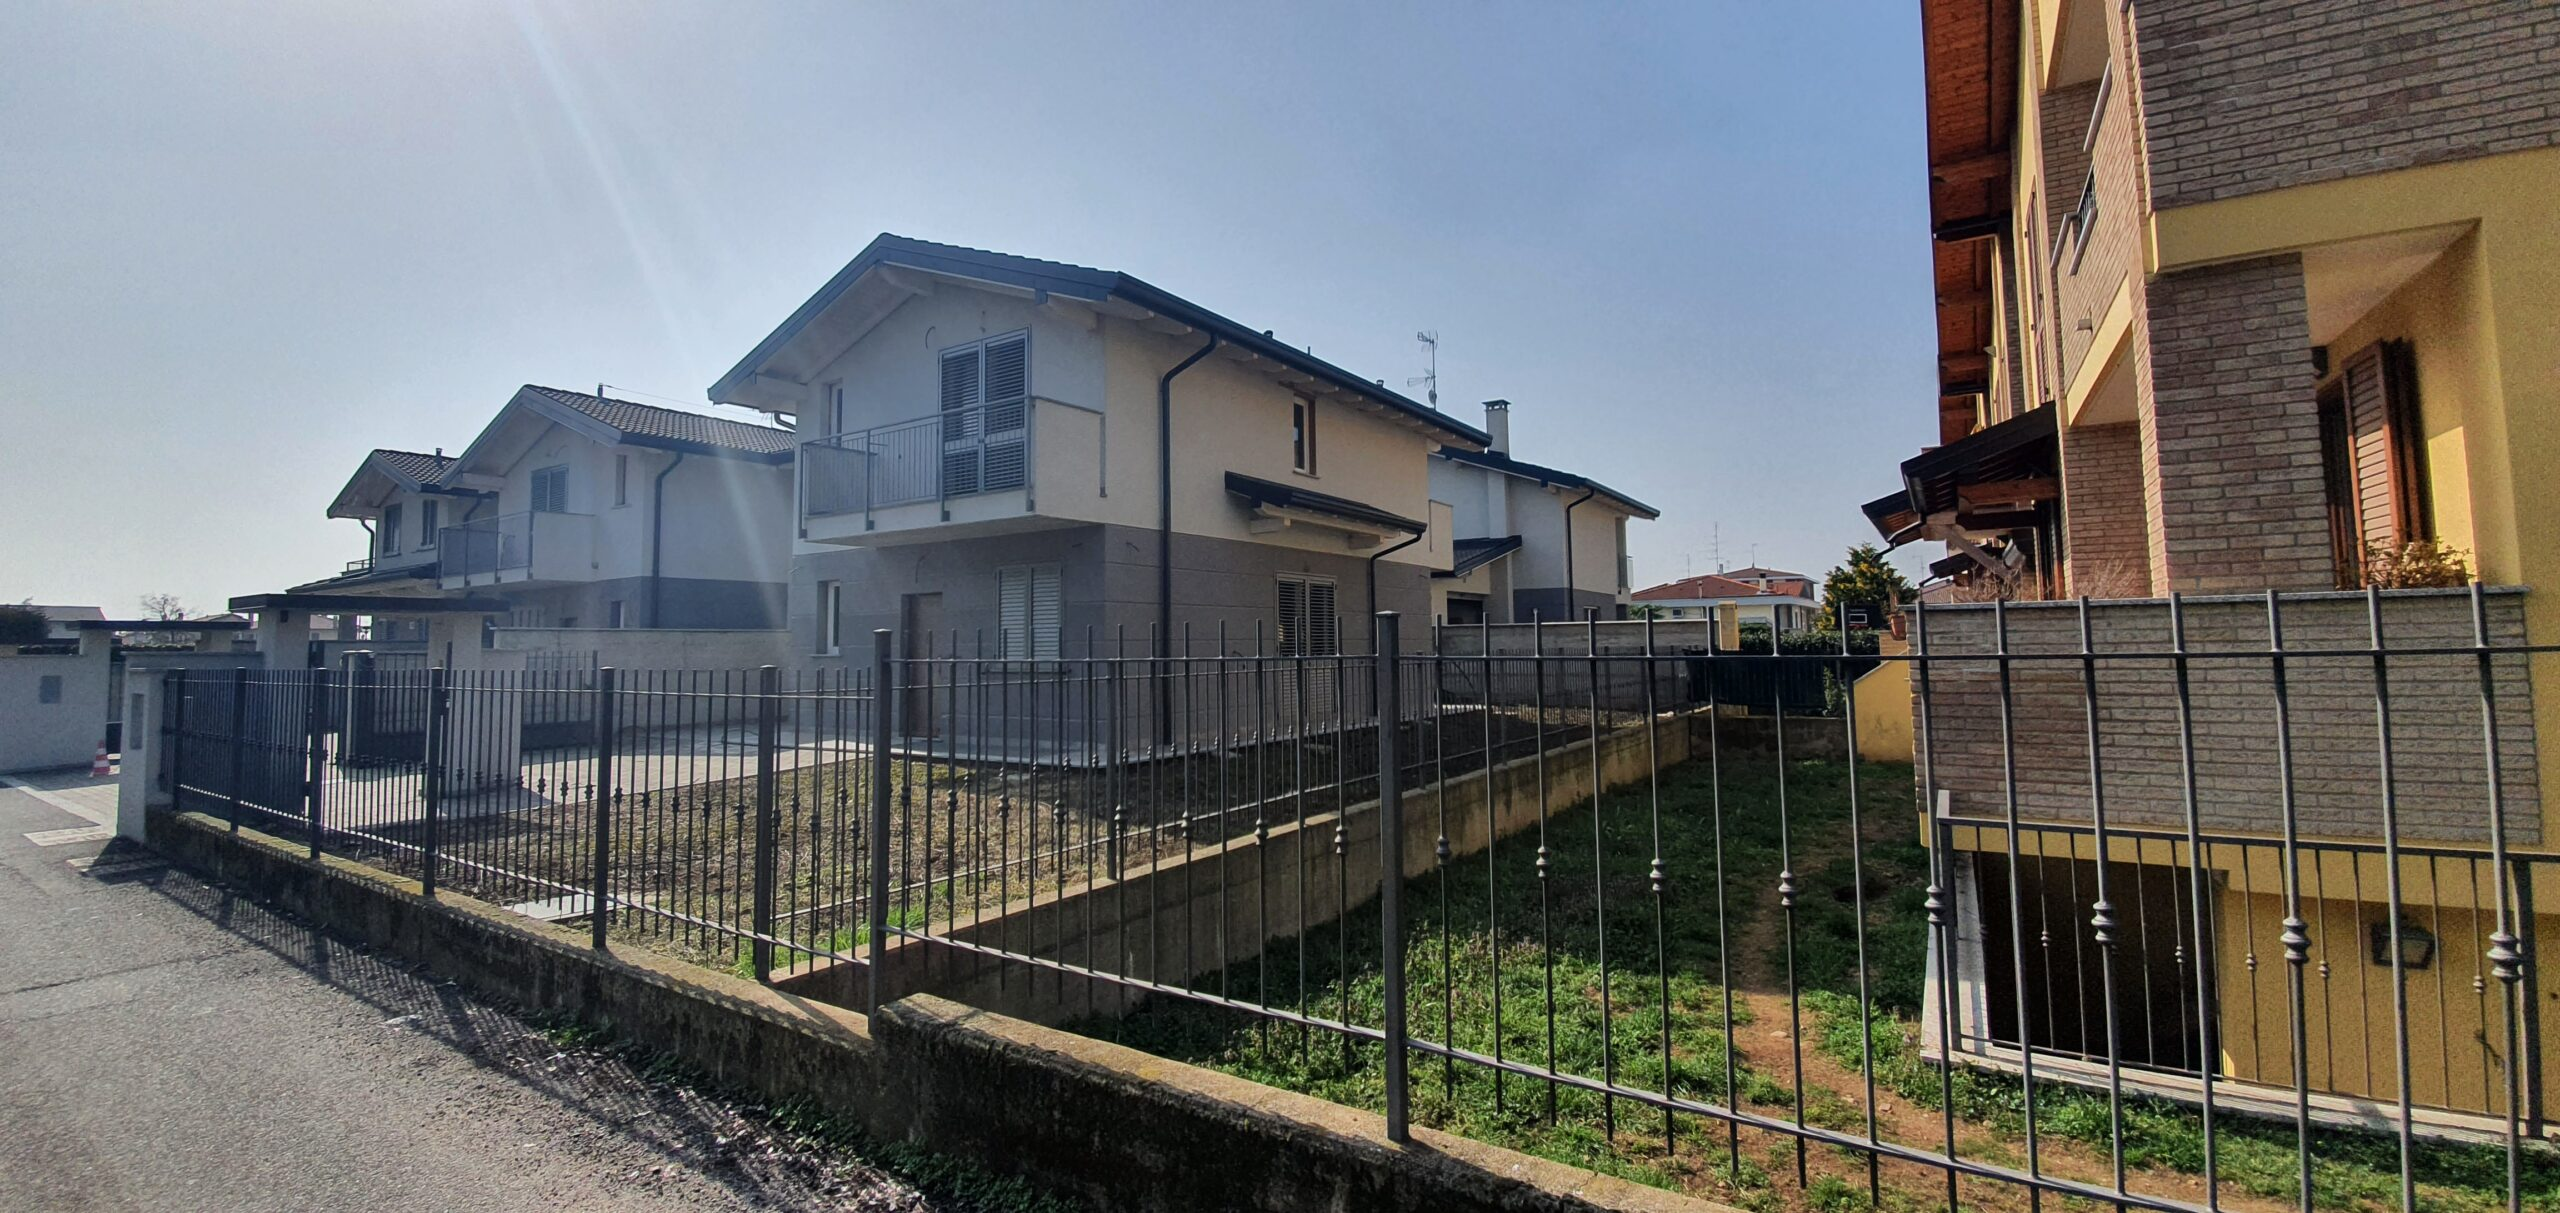 Villa centrale di nuova costruzione a Dairago